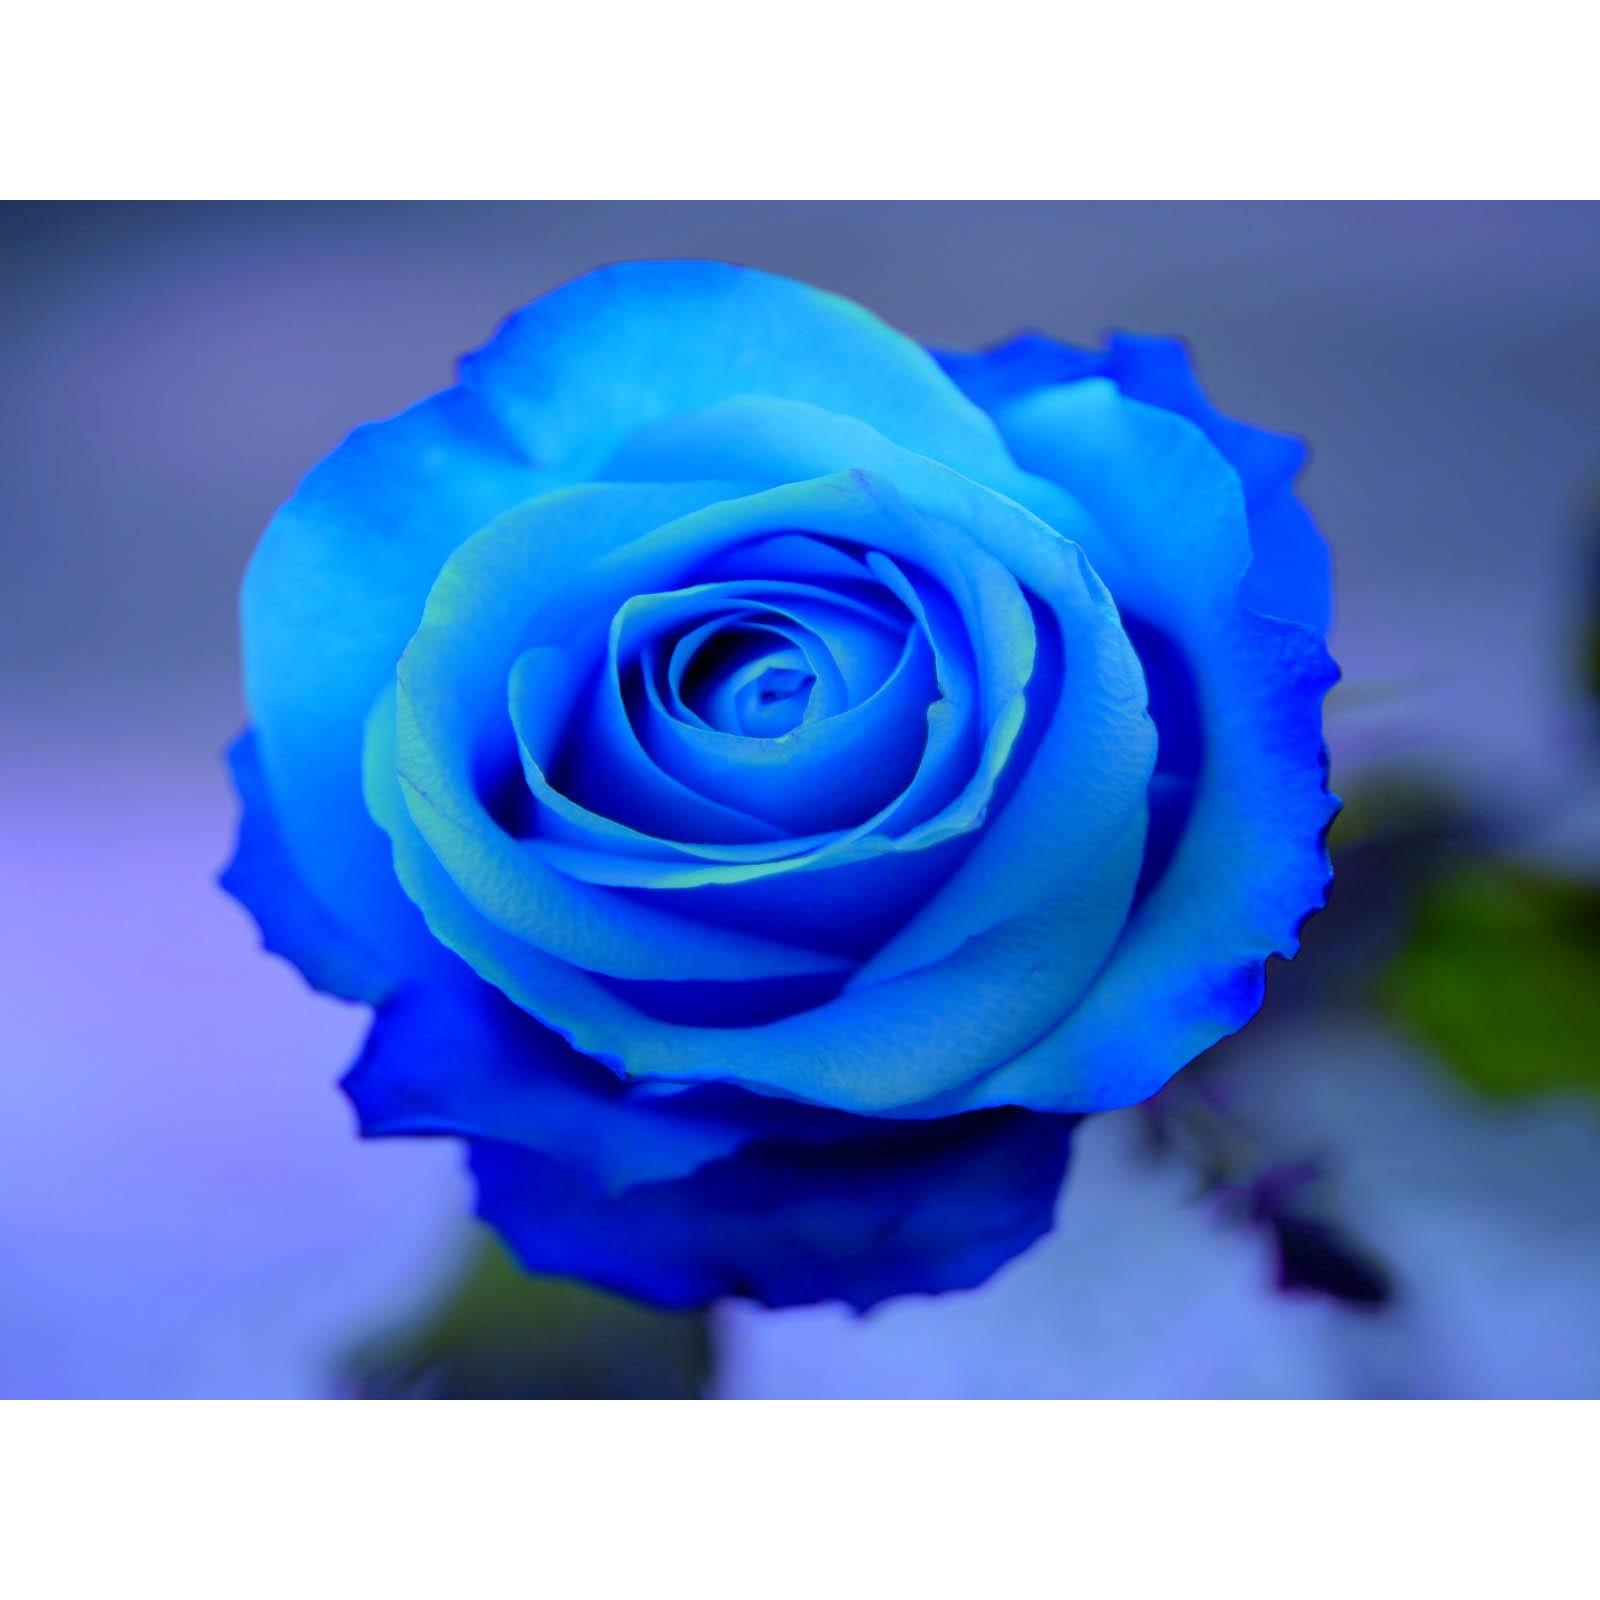 Hình ảnh hoa hồng xanh sáng